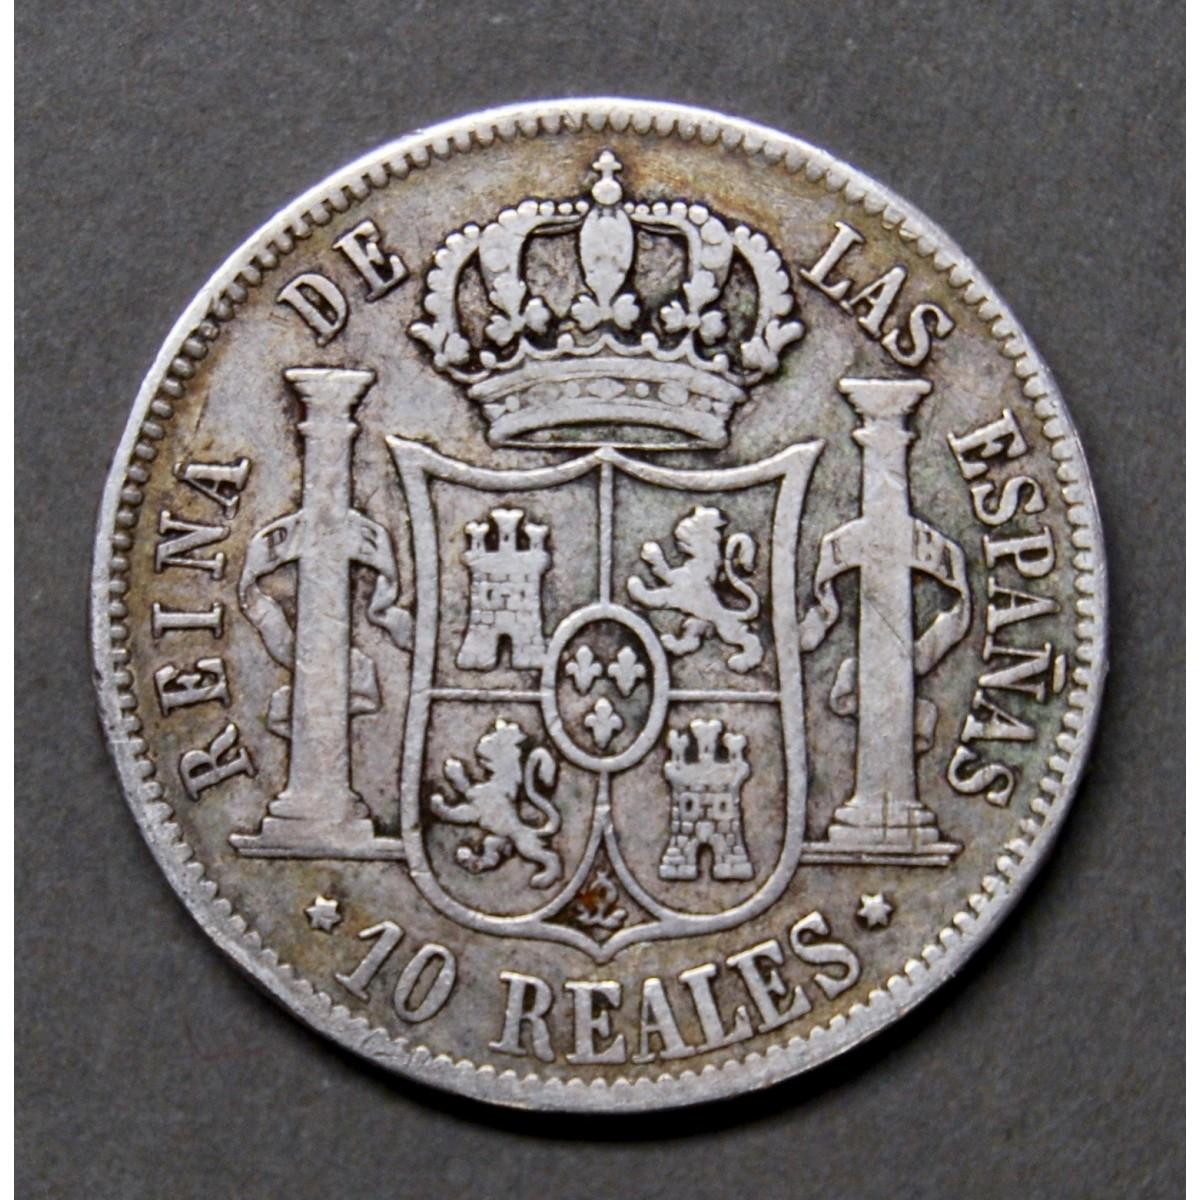 10 reales de plata del 1853, ceca de Madrid.